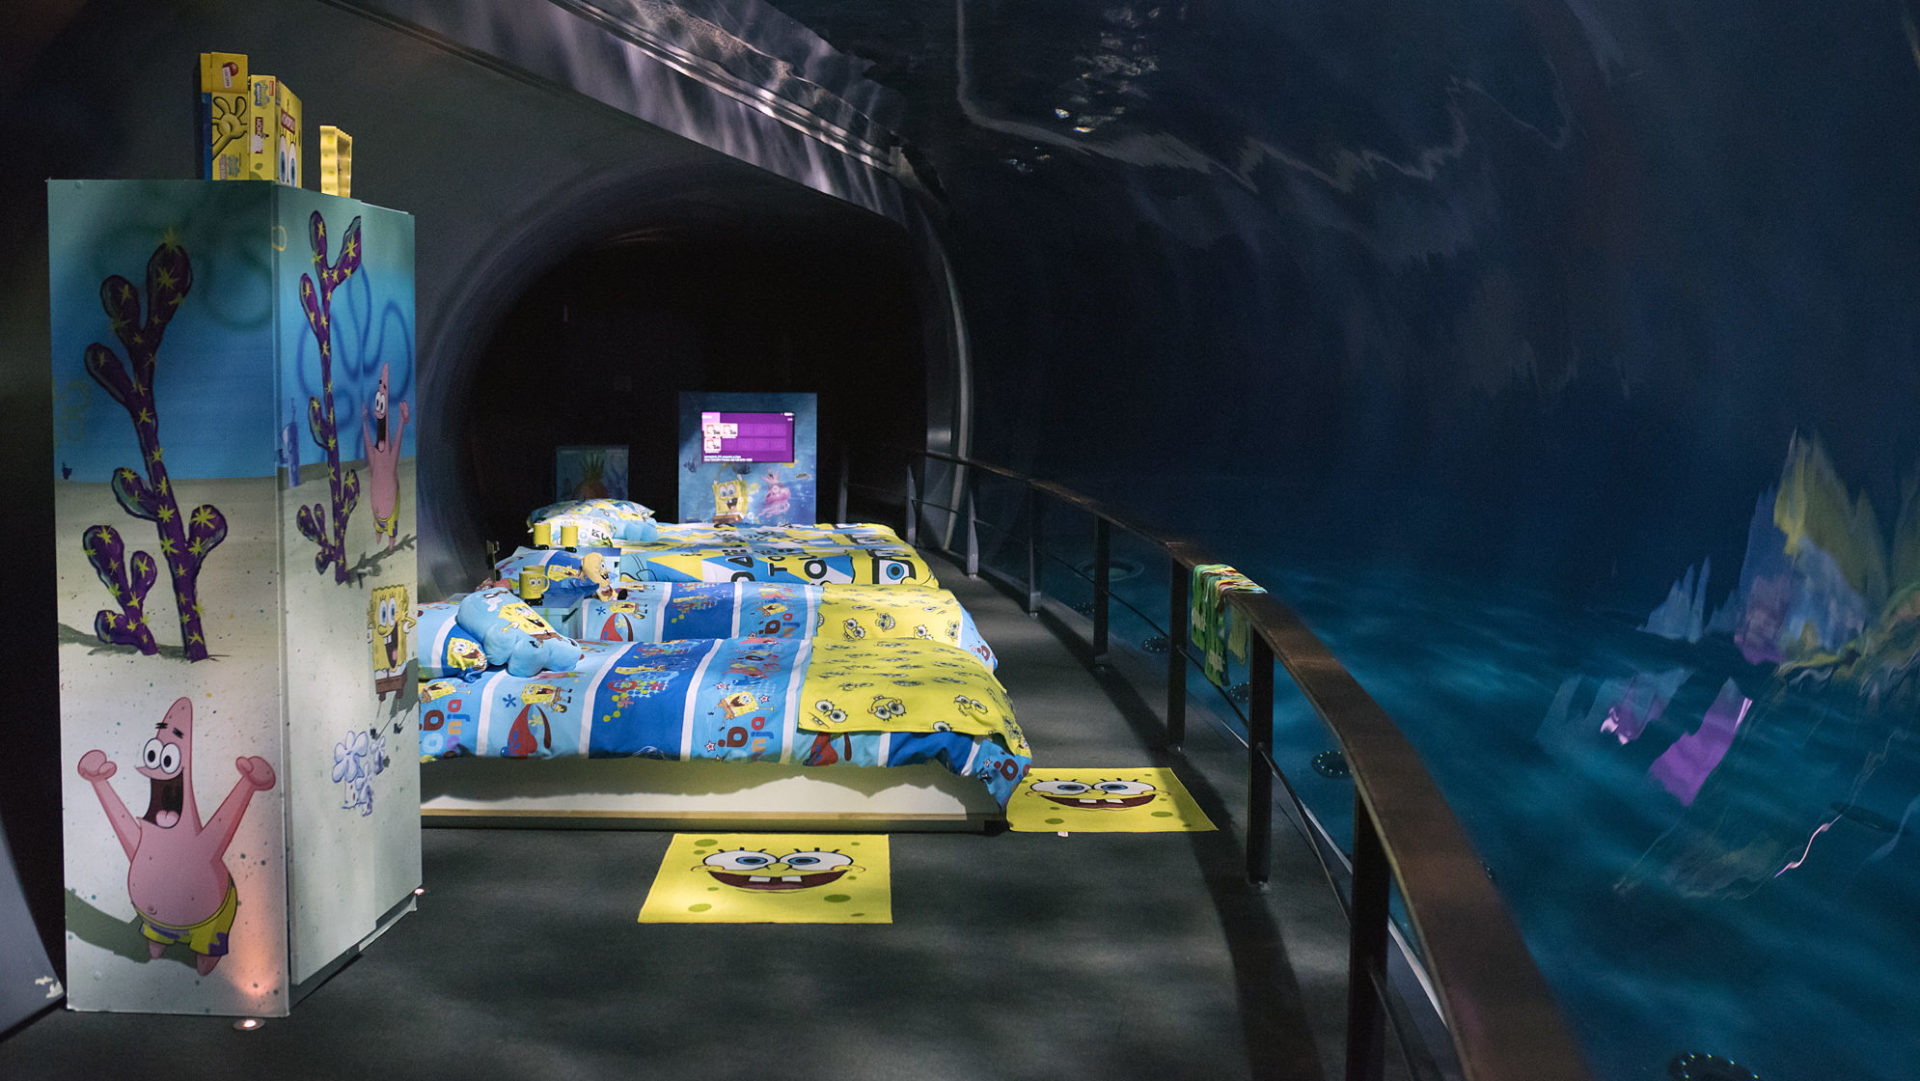 La stanza davanti alla vasca dei delfini